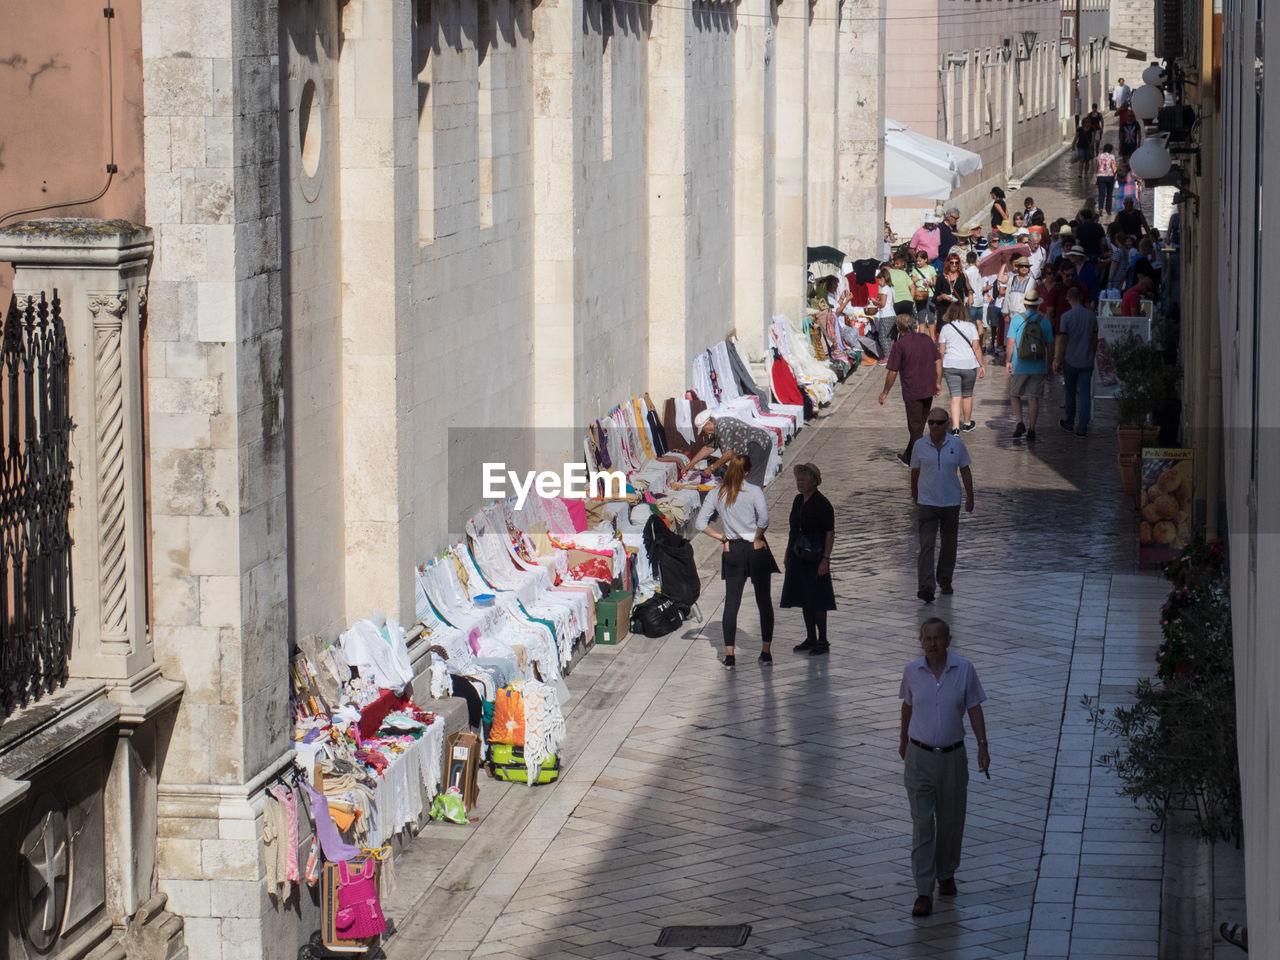 GROUP OF PEOPLE WALKING ON NARROW STREET